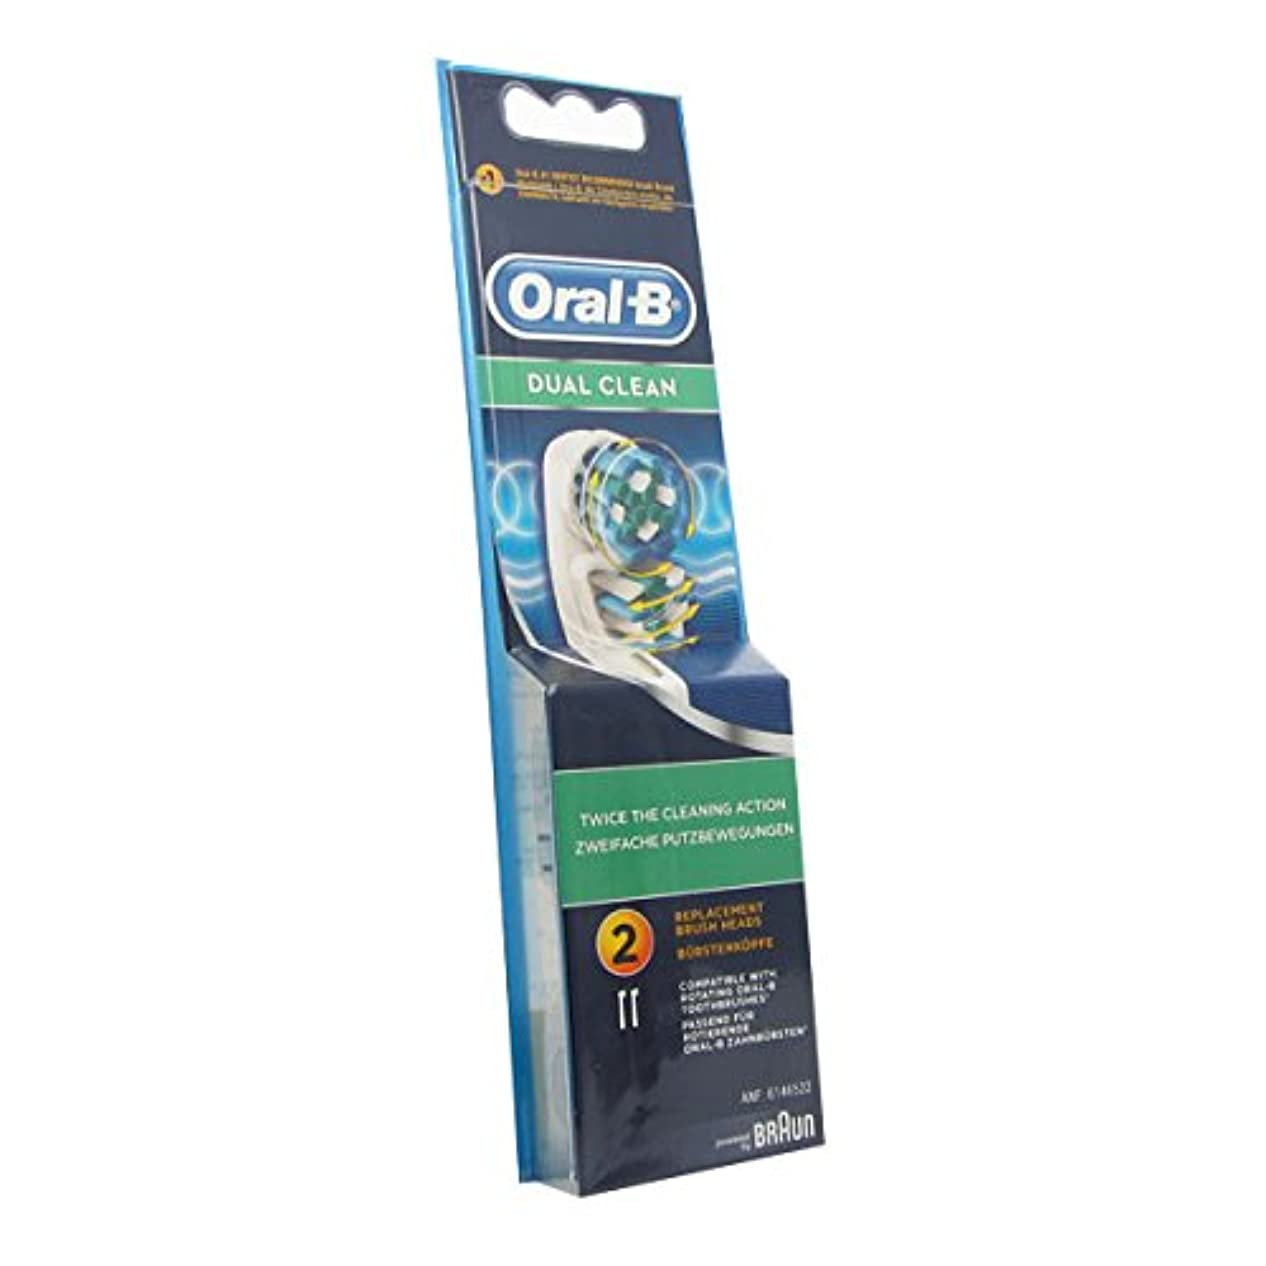 花弁同性愛者権威Oral B Dual Clean Replacement Brush X2 [並行輸入品]